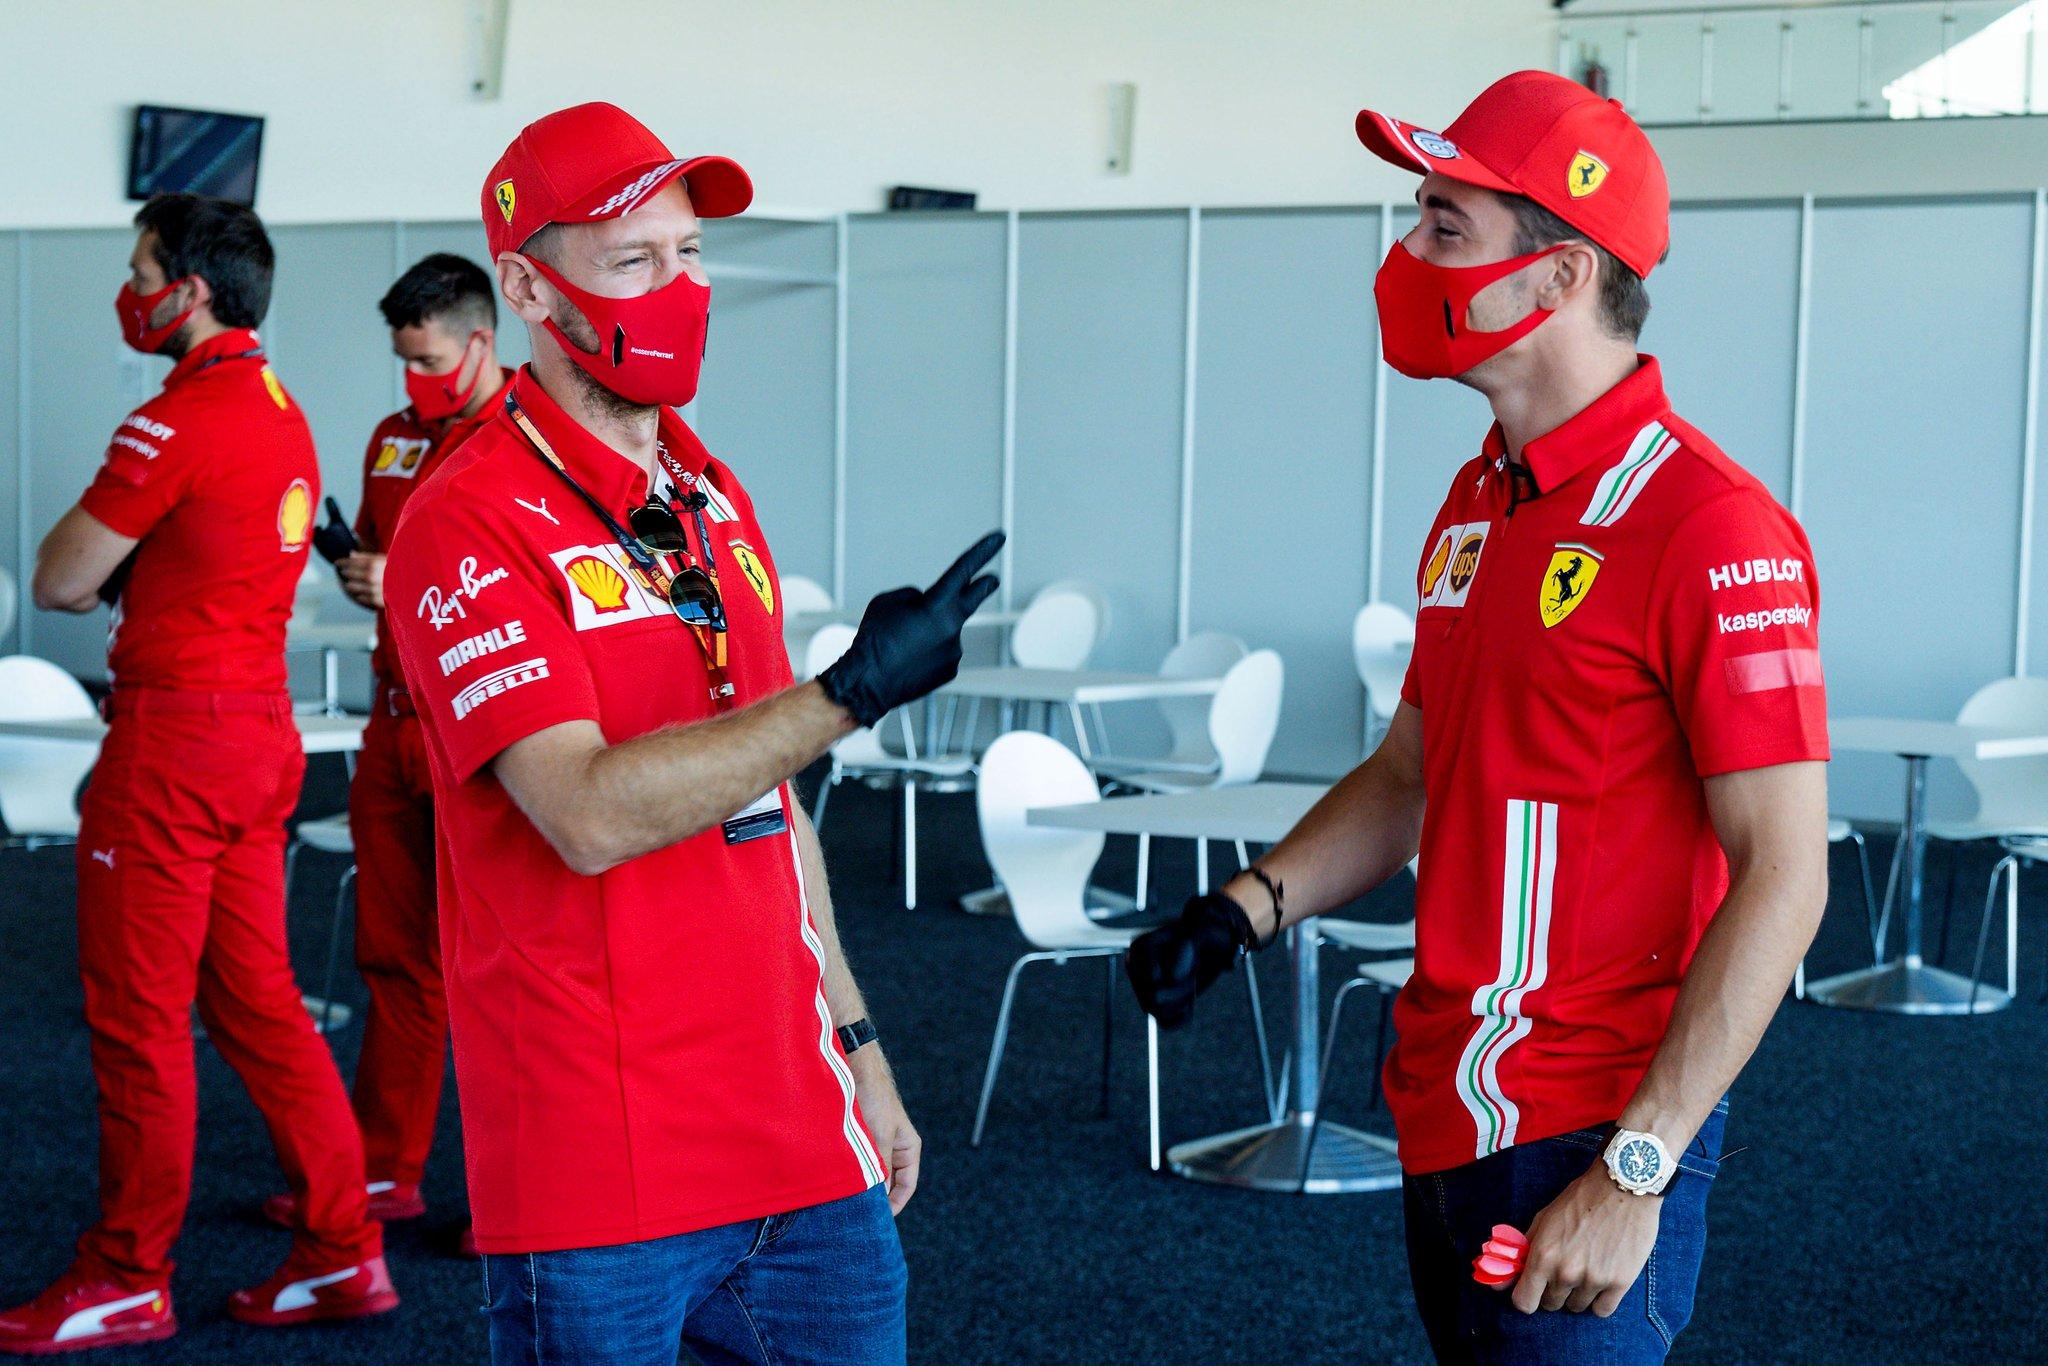 Ferrari no tuvo el mejor viernes de pruebas en Silverstone